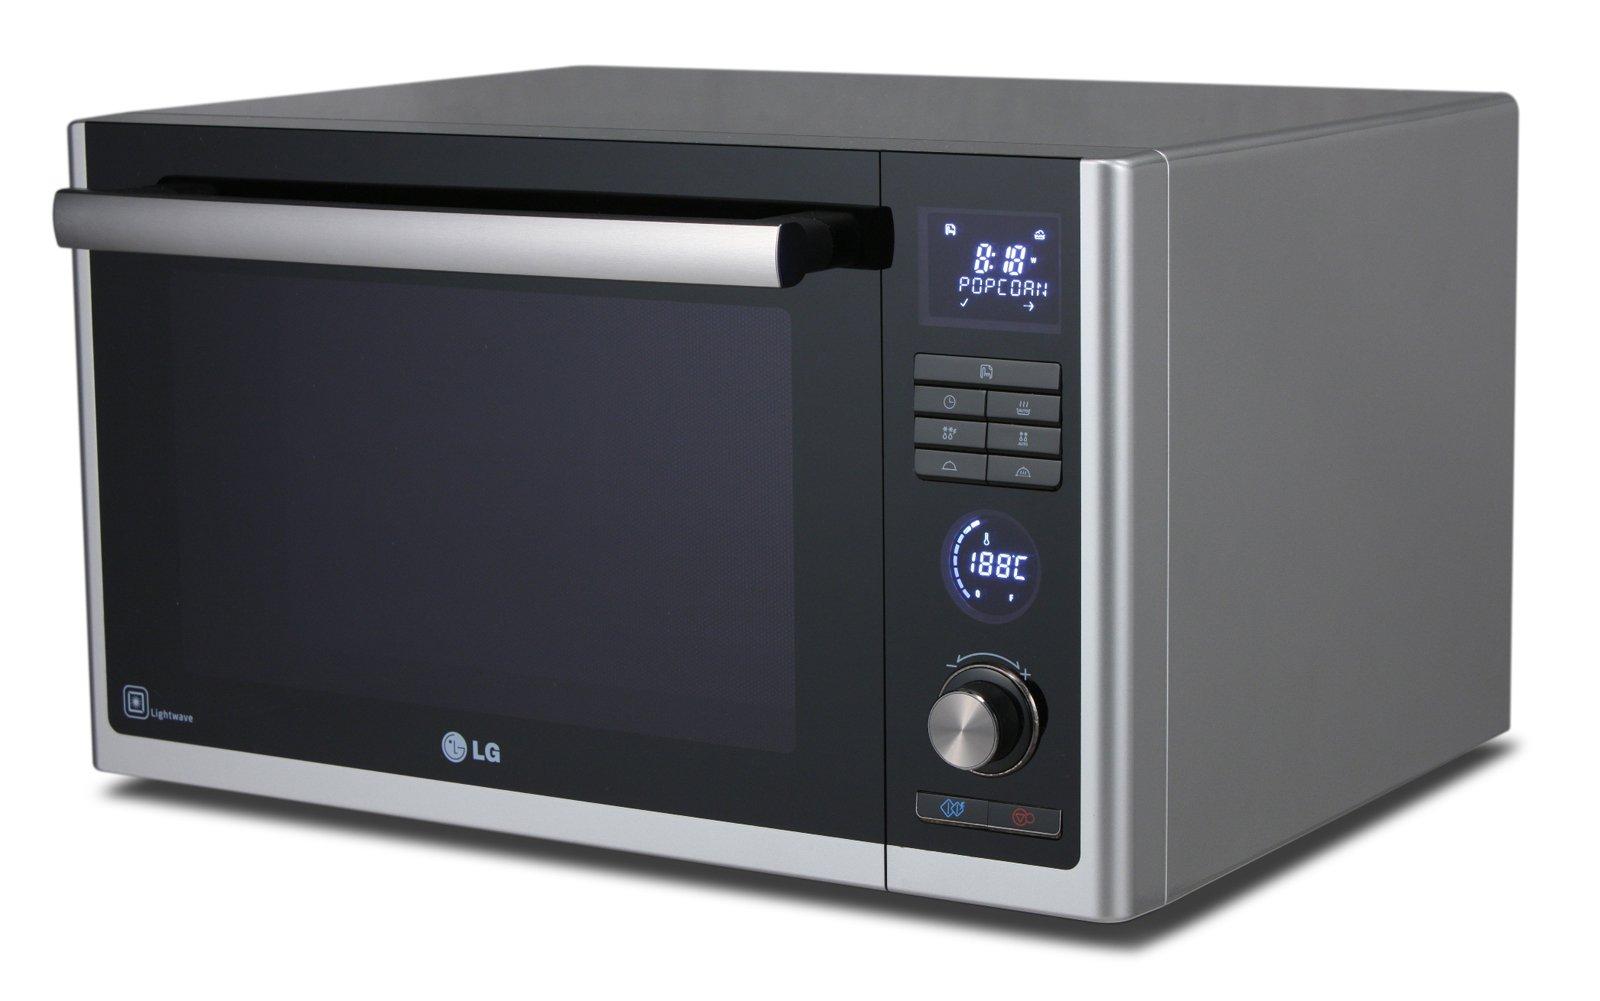 Come scegliere forno microonde